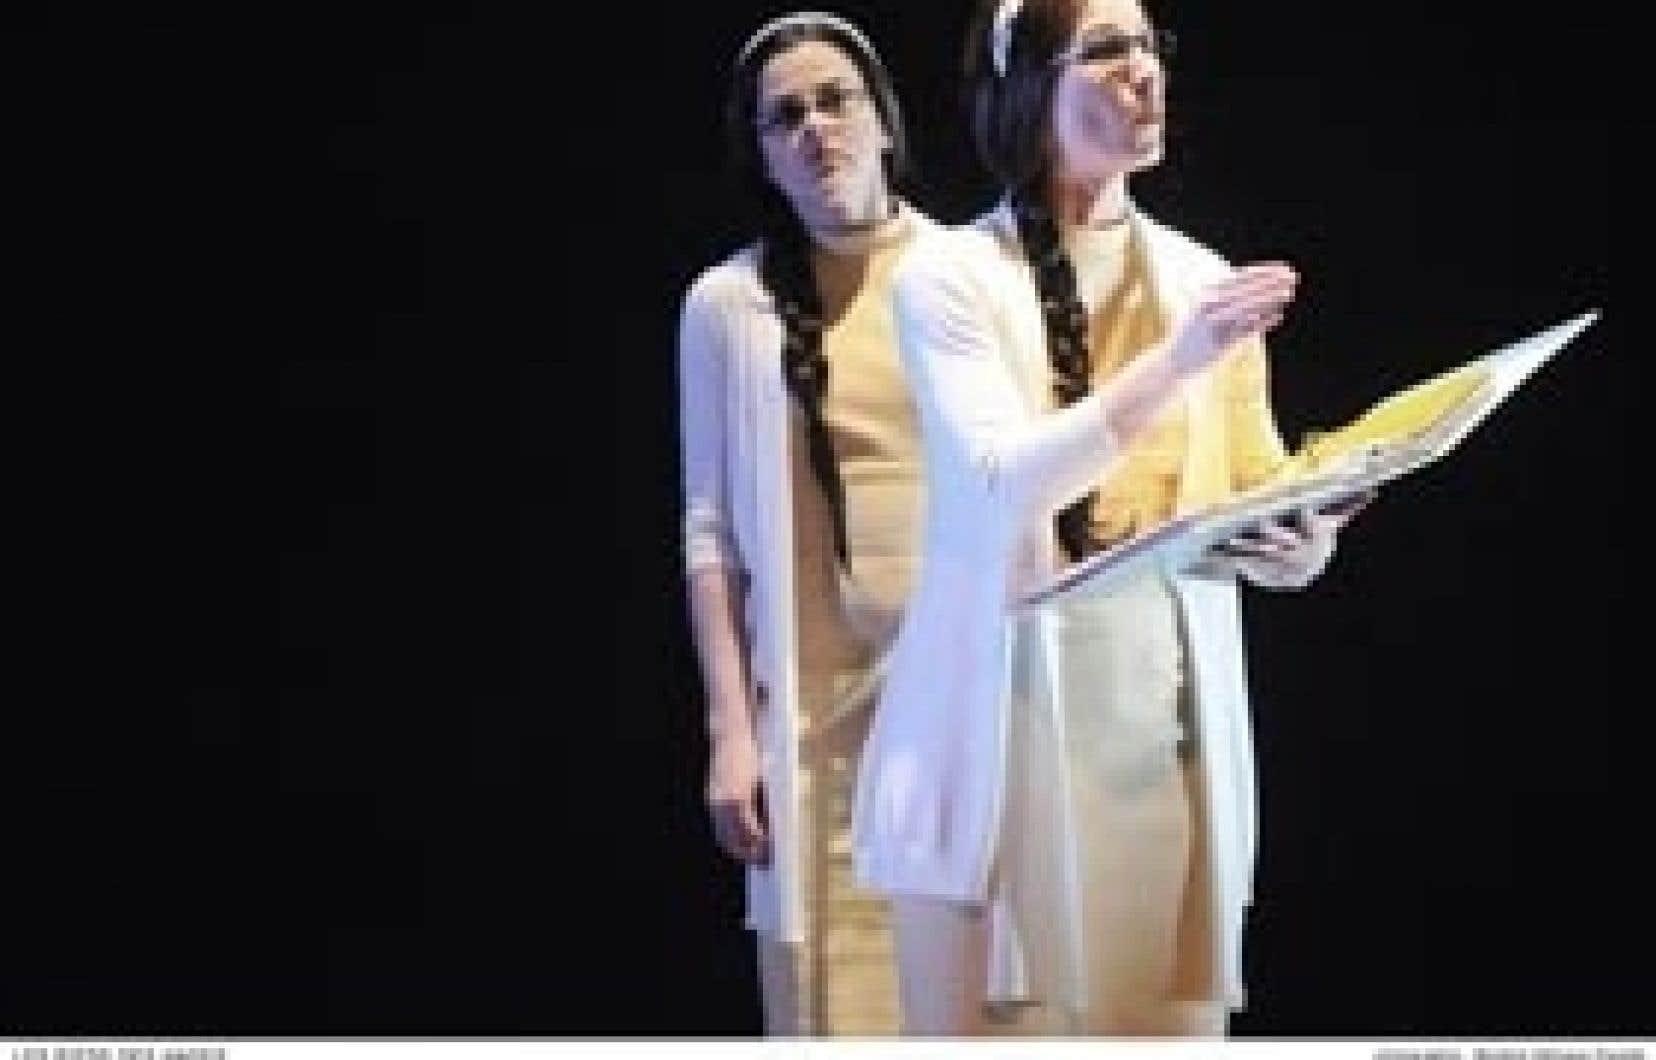 Sophie Cadieux et Enrica Boucher, dans Les Pieds des anges. La Marie intérieure (Cadieux), percluse de doute, émerge de l'intellectuelle (Boucher), s'observant vivre.